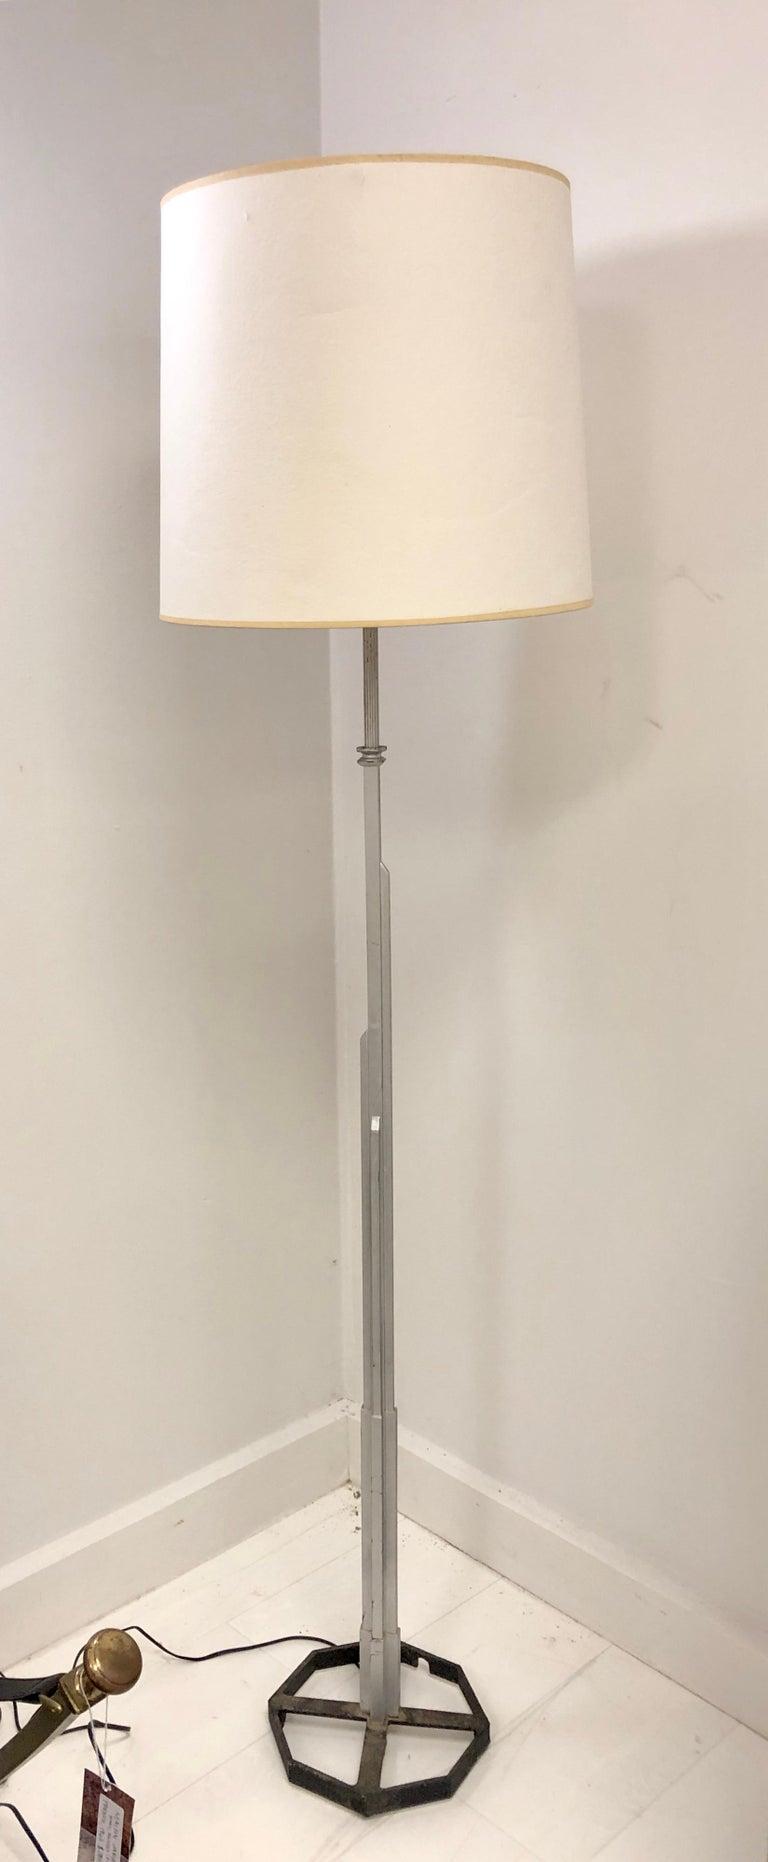 Walter Von Nesson 'Skyscraper' Floor Lamp For Sale 2